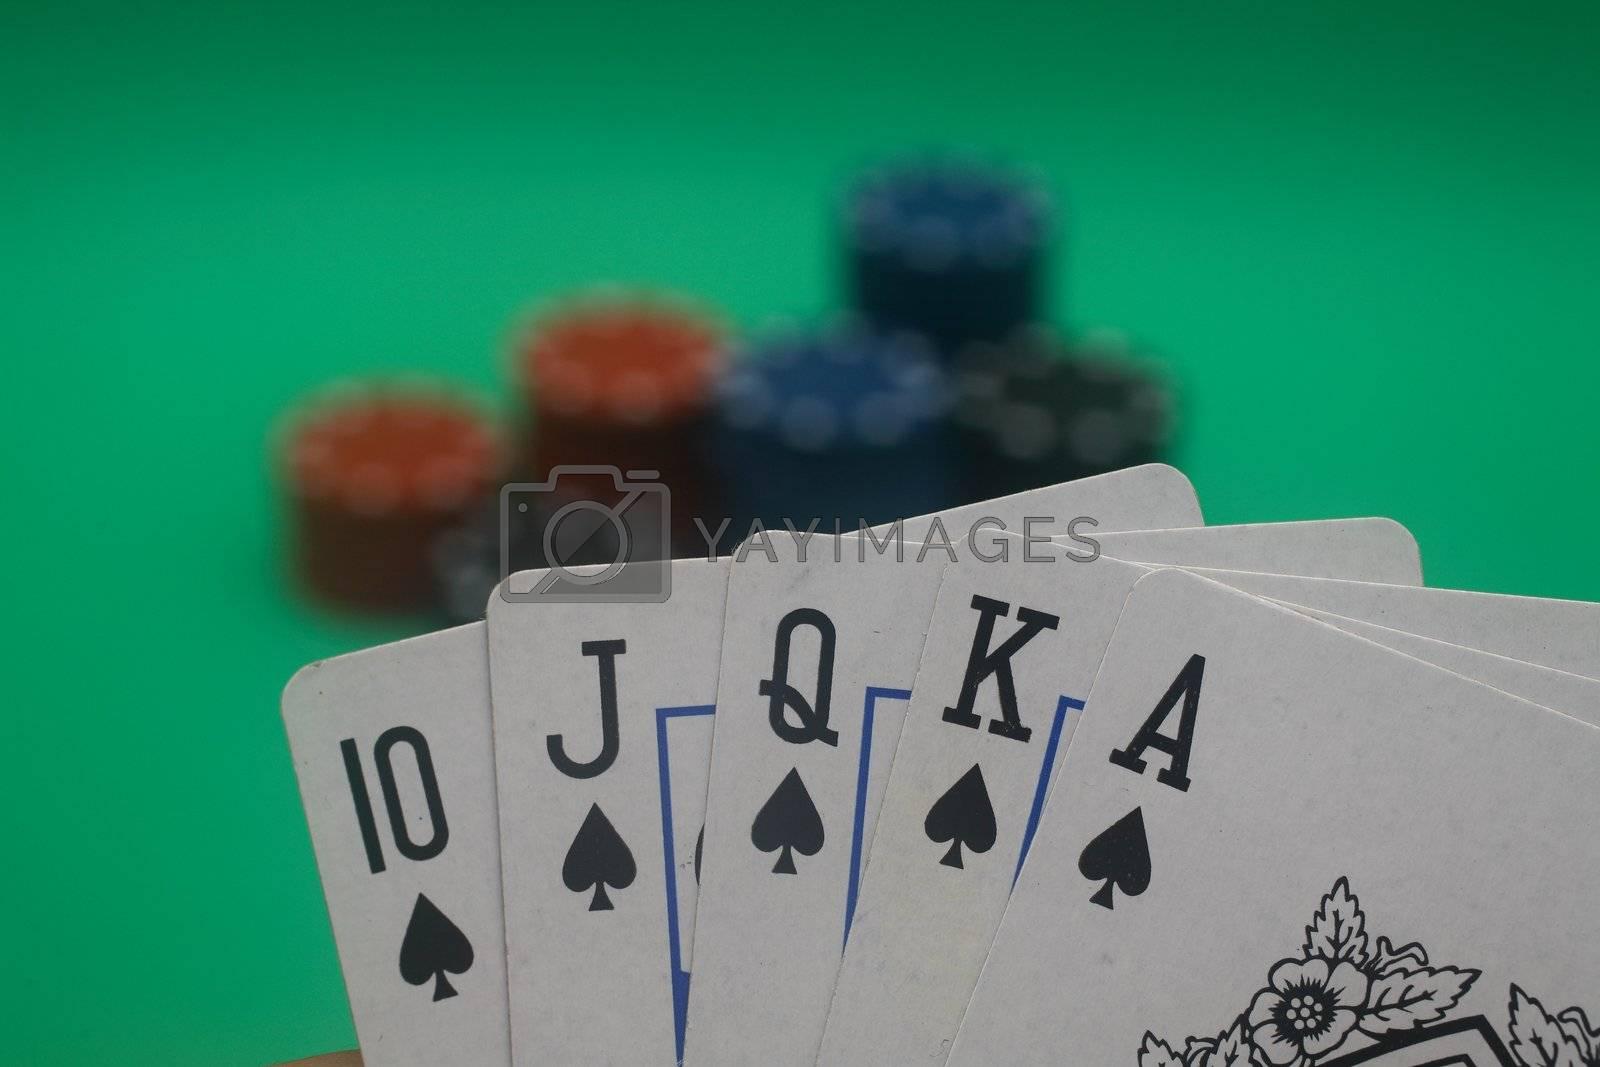 Poker Hand - Spades Straight Flush by Daniel_Wiedemann